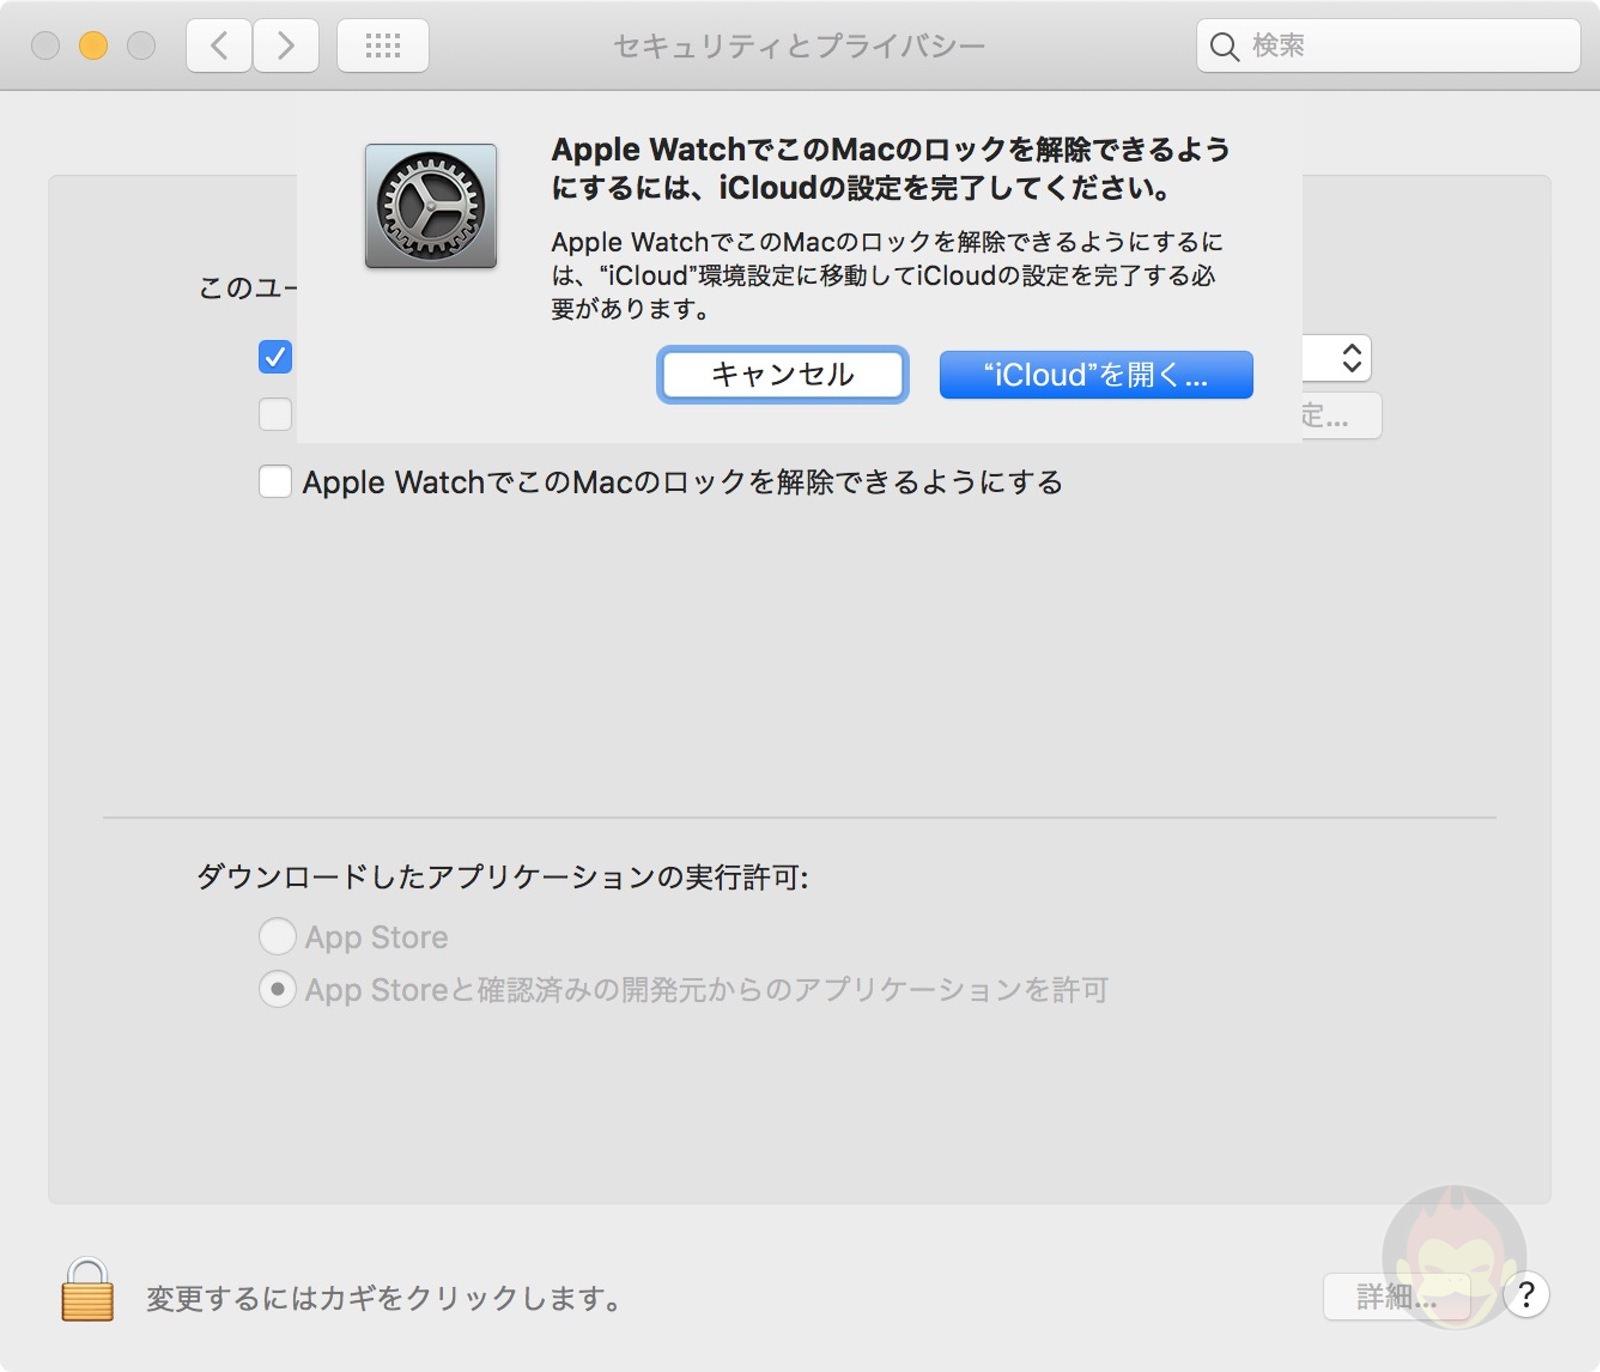 Apple-Watch-Unlock-Fails-after-update-02.jpg